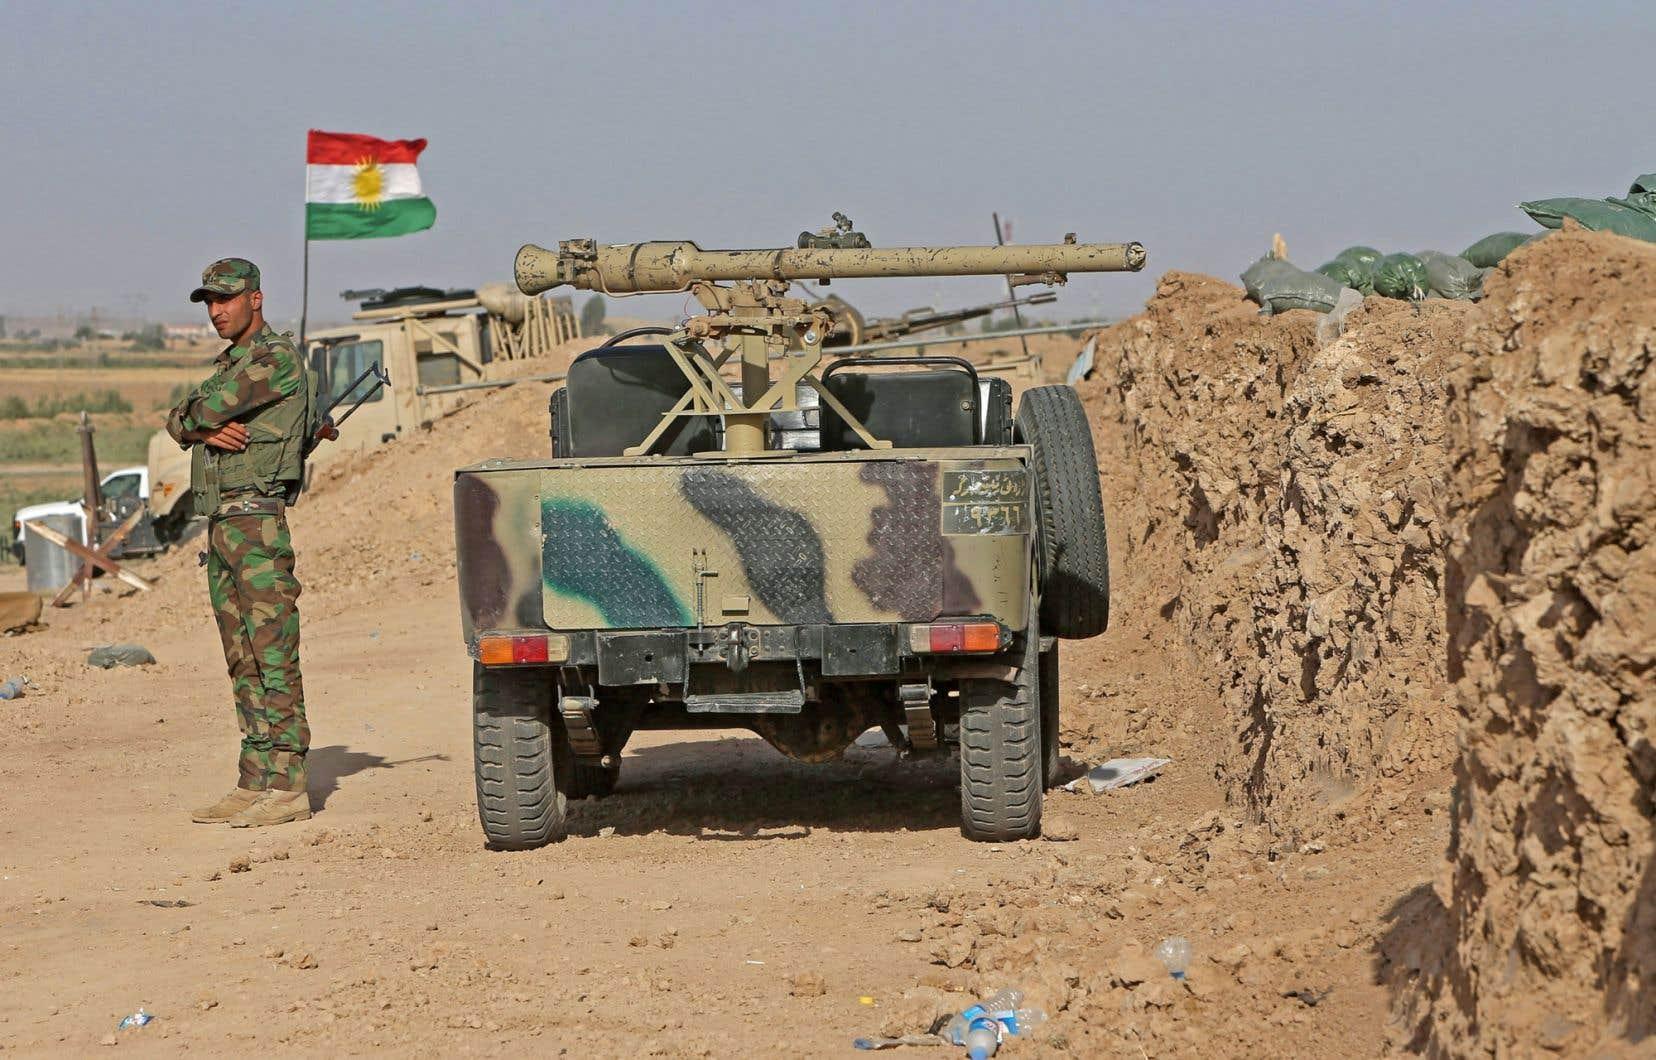 Un combattant kurde surveille des barricades de terre érigées par le gouvernement régional kurde afin de marquer les frontières potentielles d'un futur état indépendant.